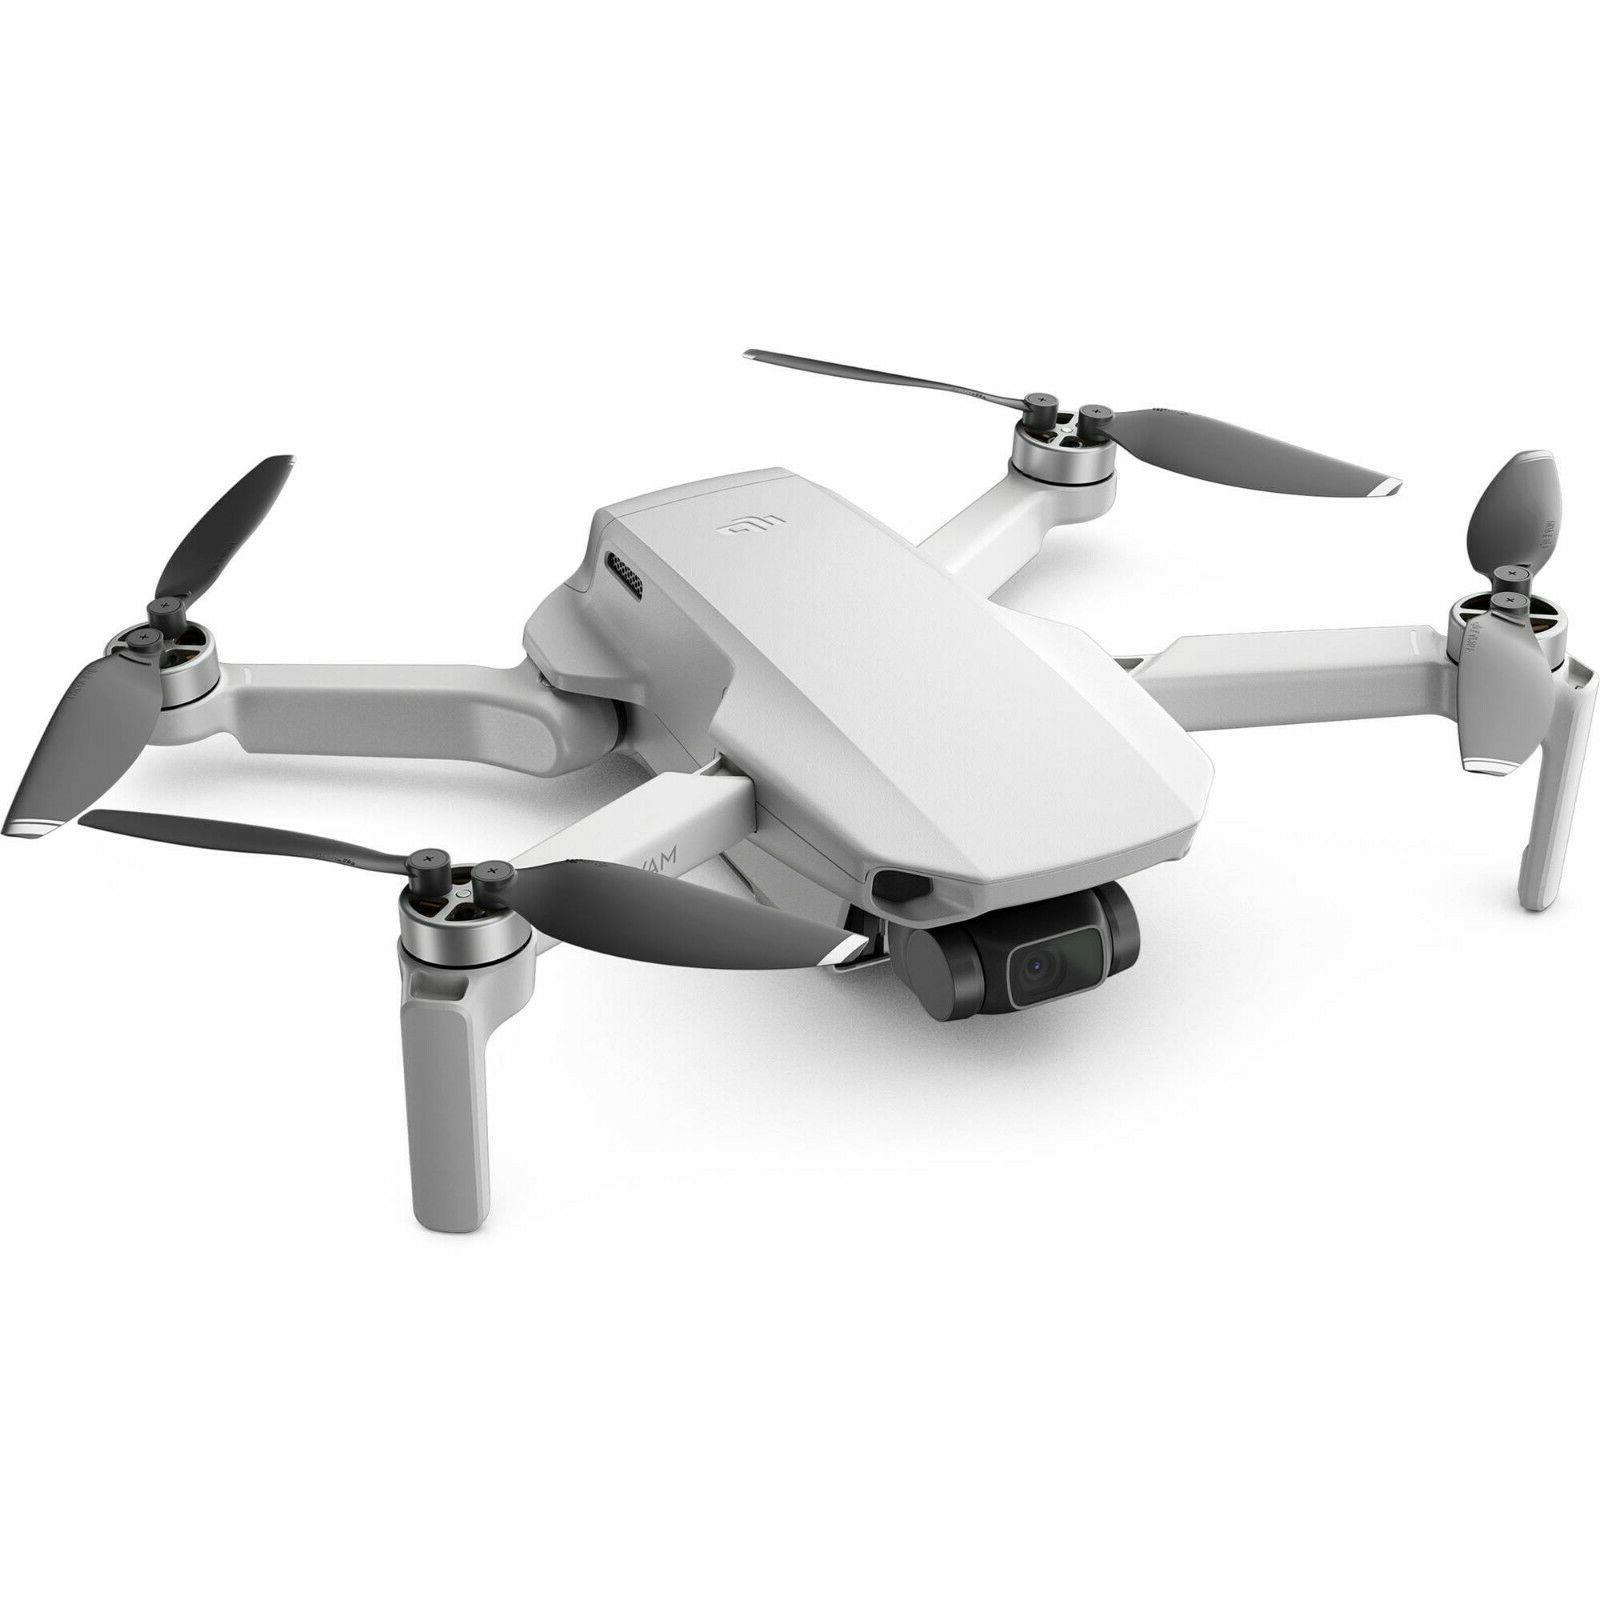 DJI More Quadcopter Travel